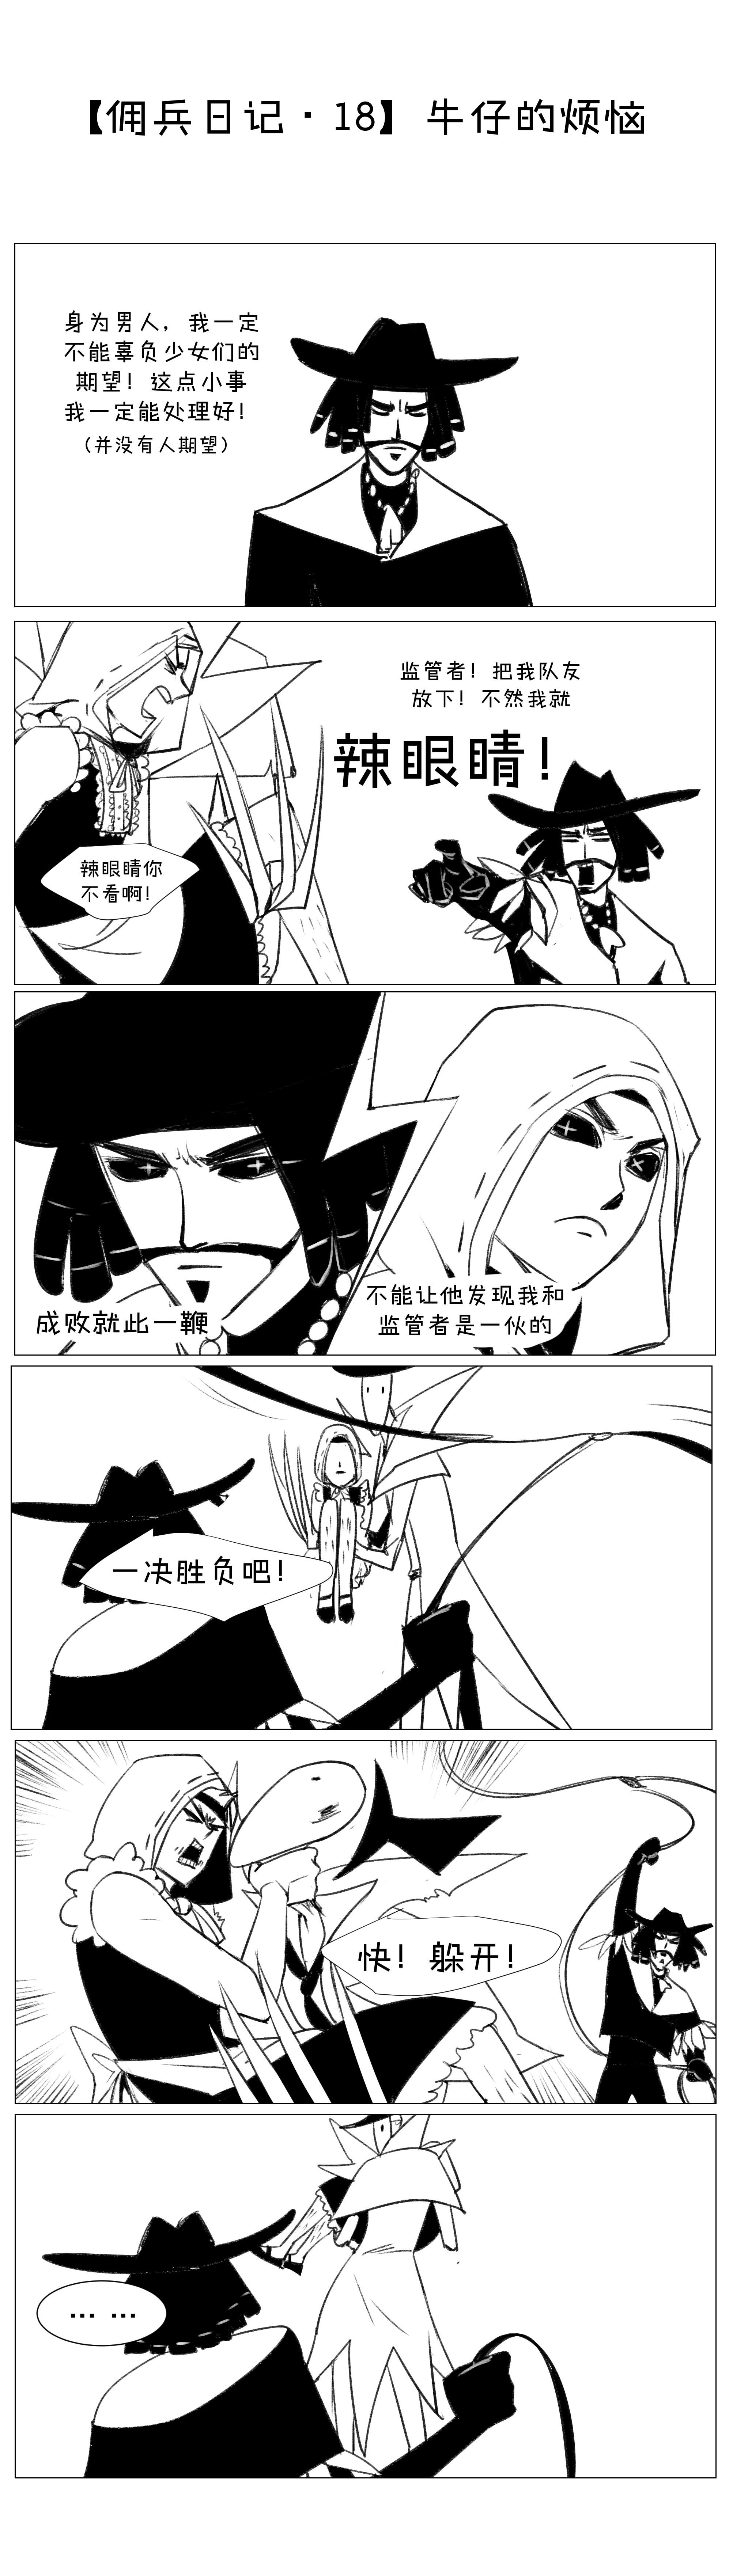 【佣兵日记18】牛仔的烦恼